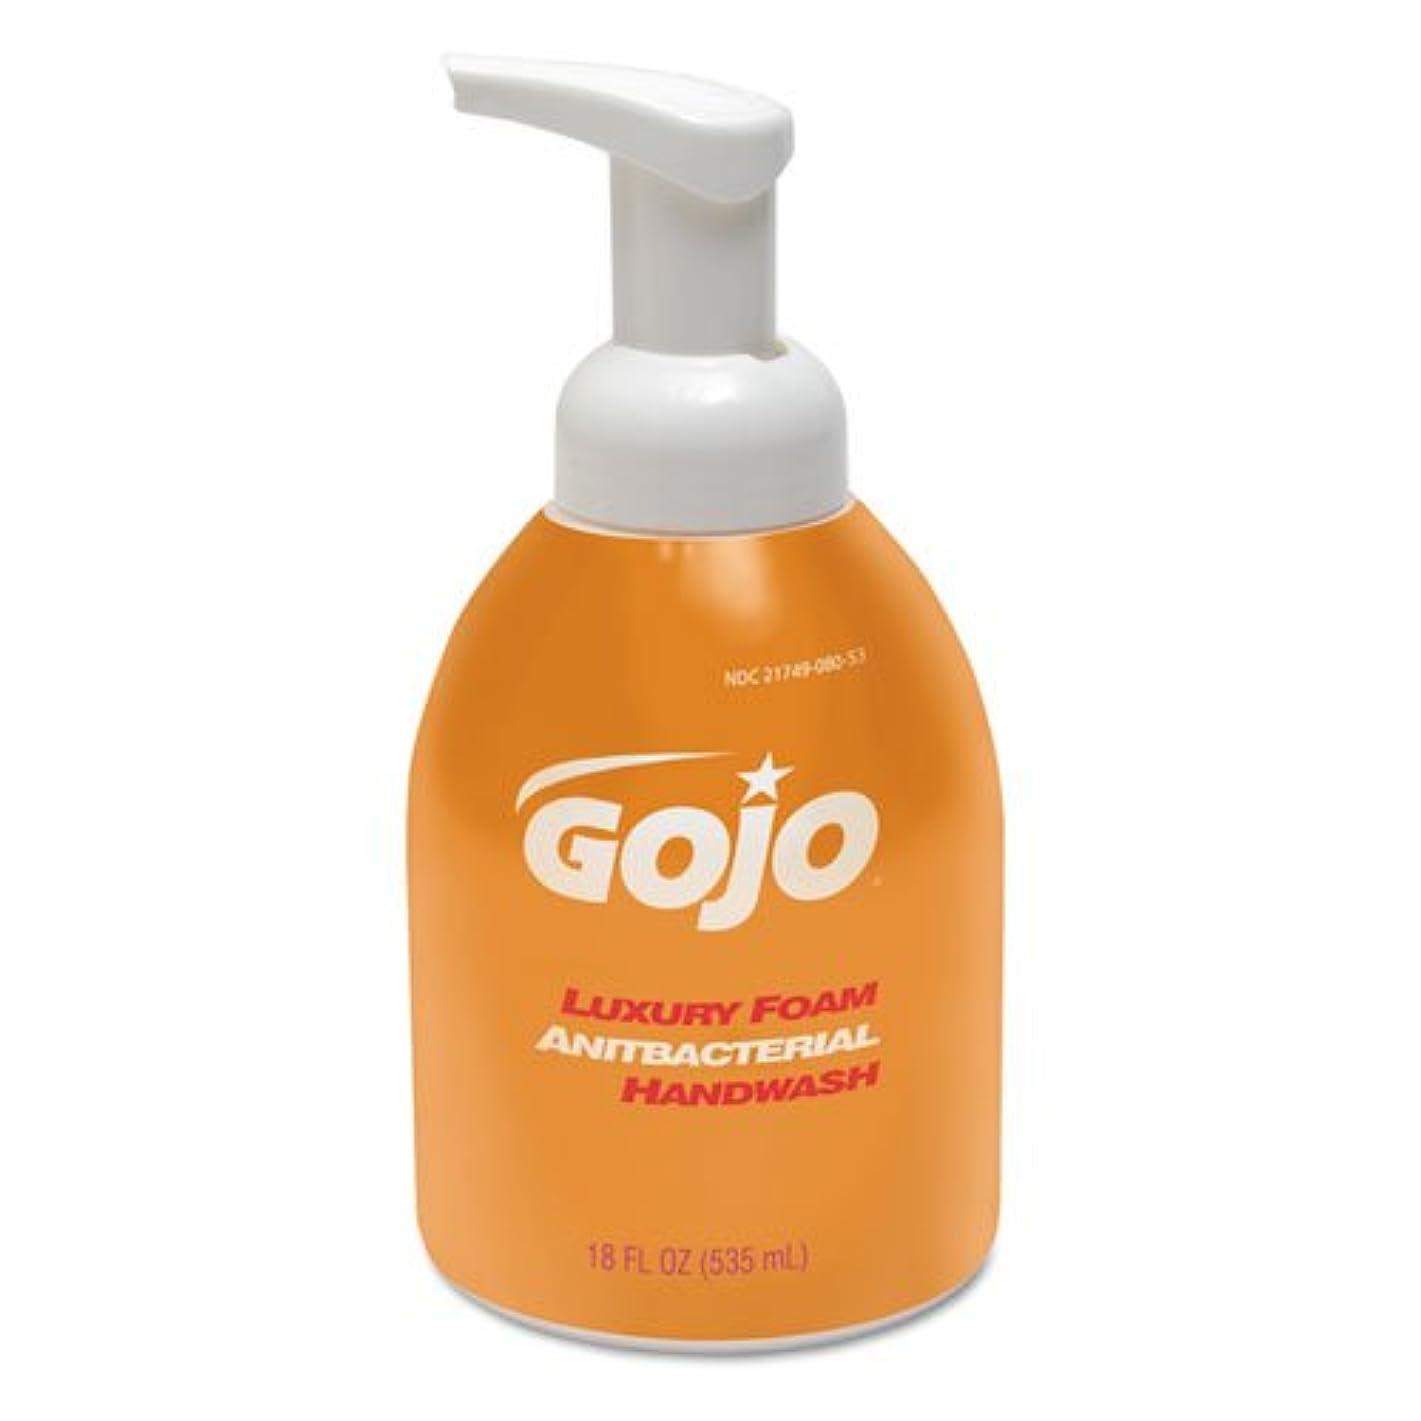 請負業者女王地図MLポンプボトルオレンジBlossom香りつきオレンジ抗菌LuxuryフォームHandwash